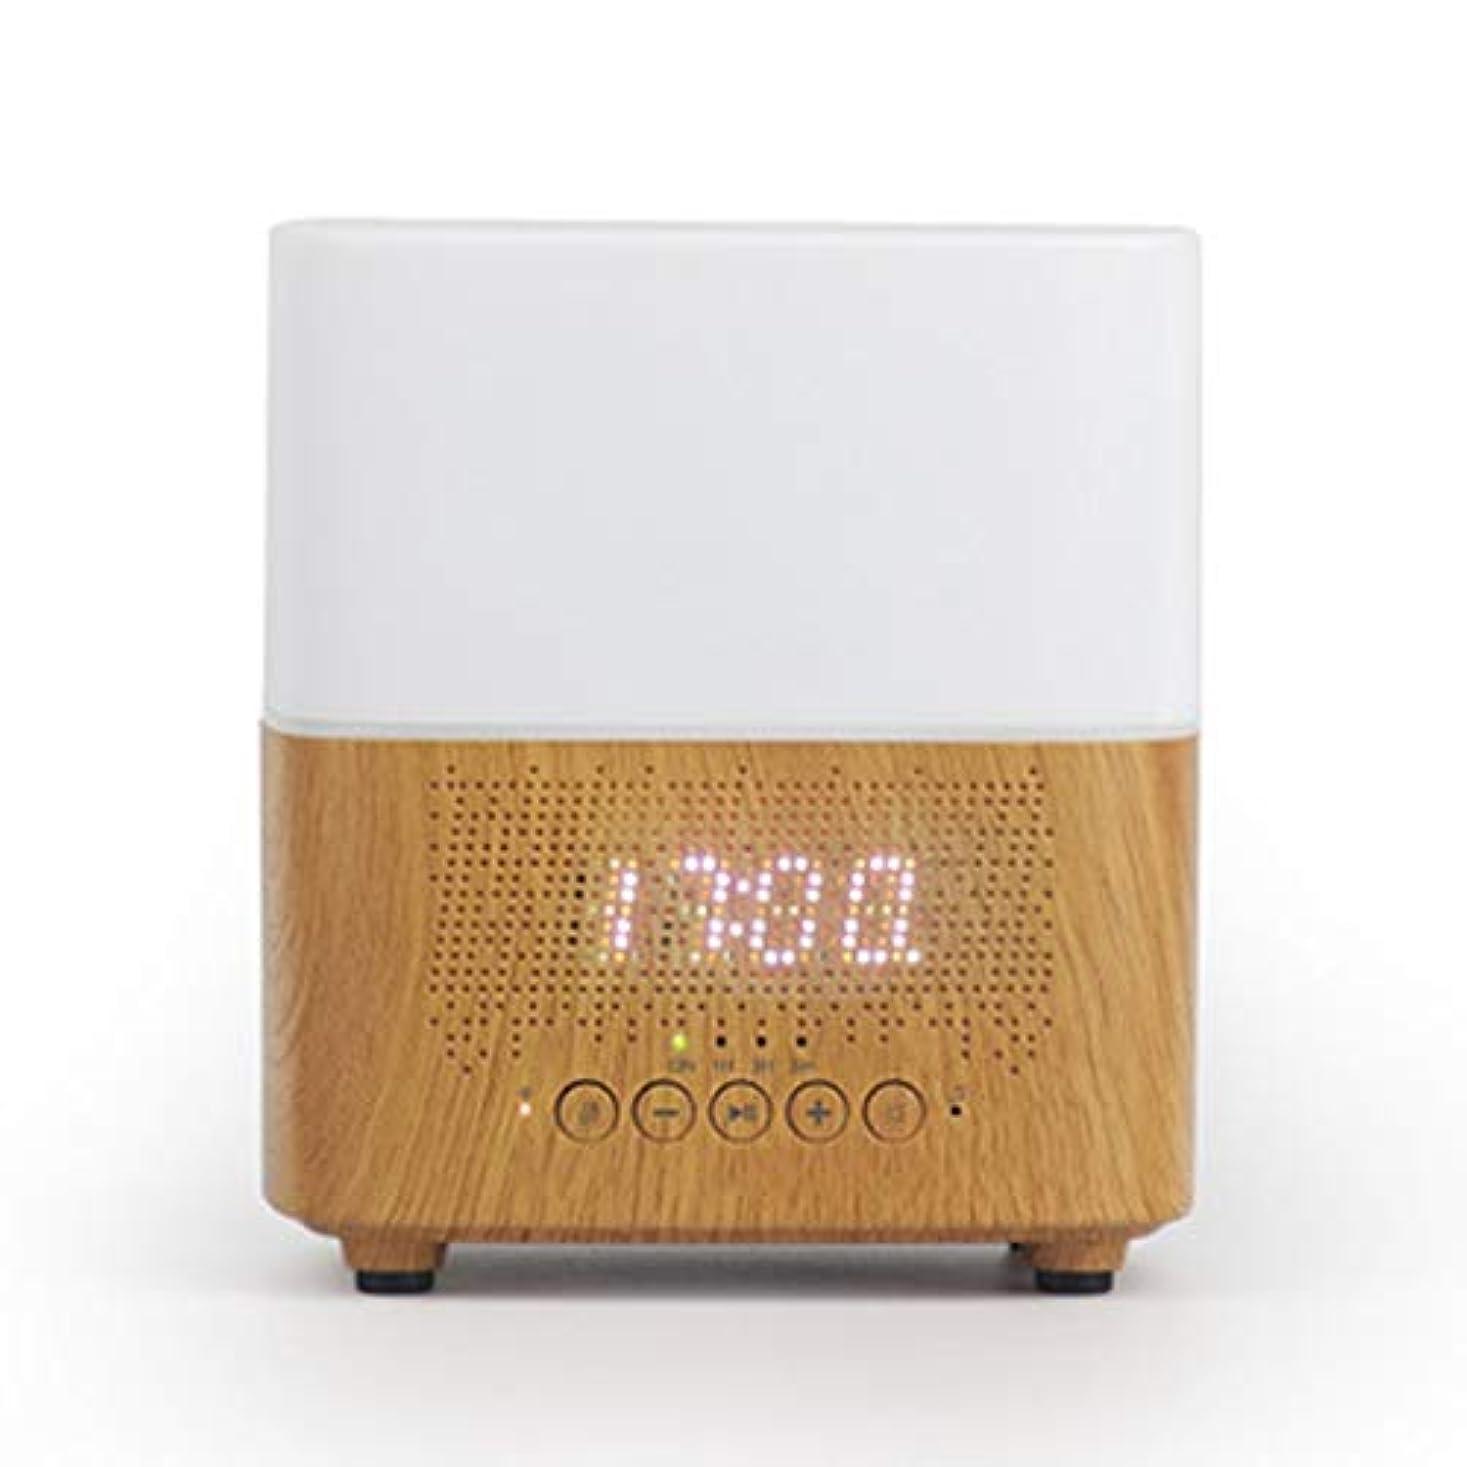 さわやか魅惑する差別するブルートゥースのスピーカー機械LED時計の目覚まし時計の夜ライト加湿器 (Color : White)